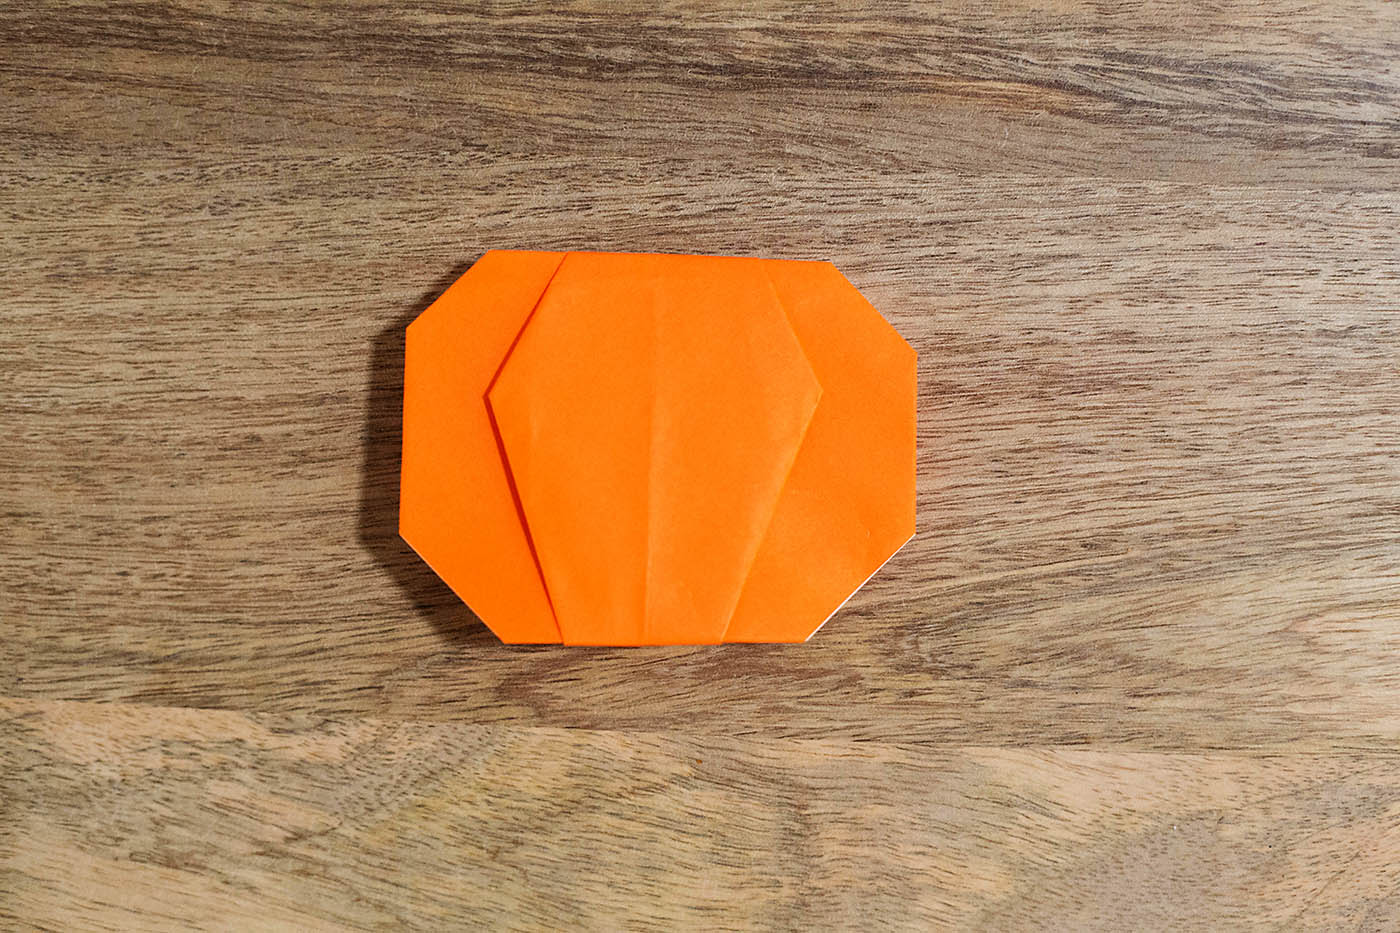 Easy origami pumpkin or jack o lantern